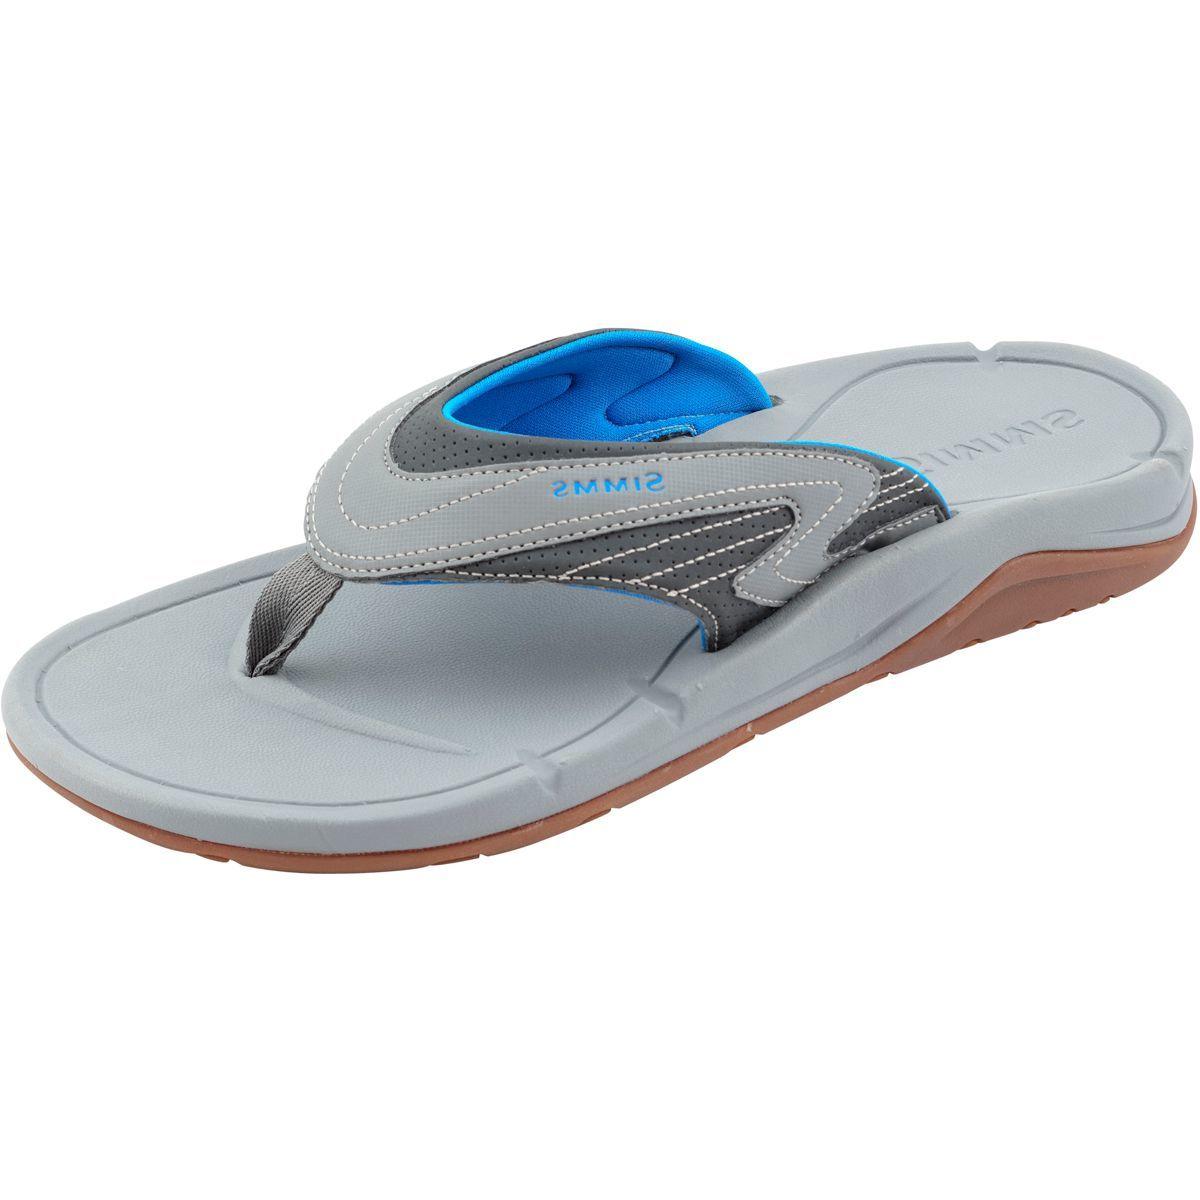 Simms Atoll Flip-Flop - Men's